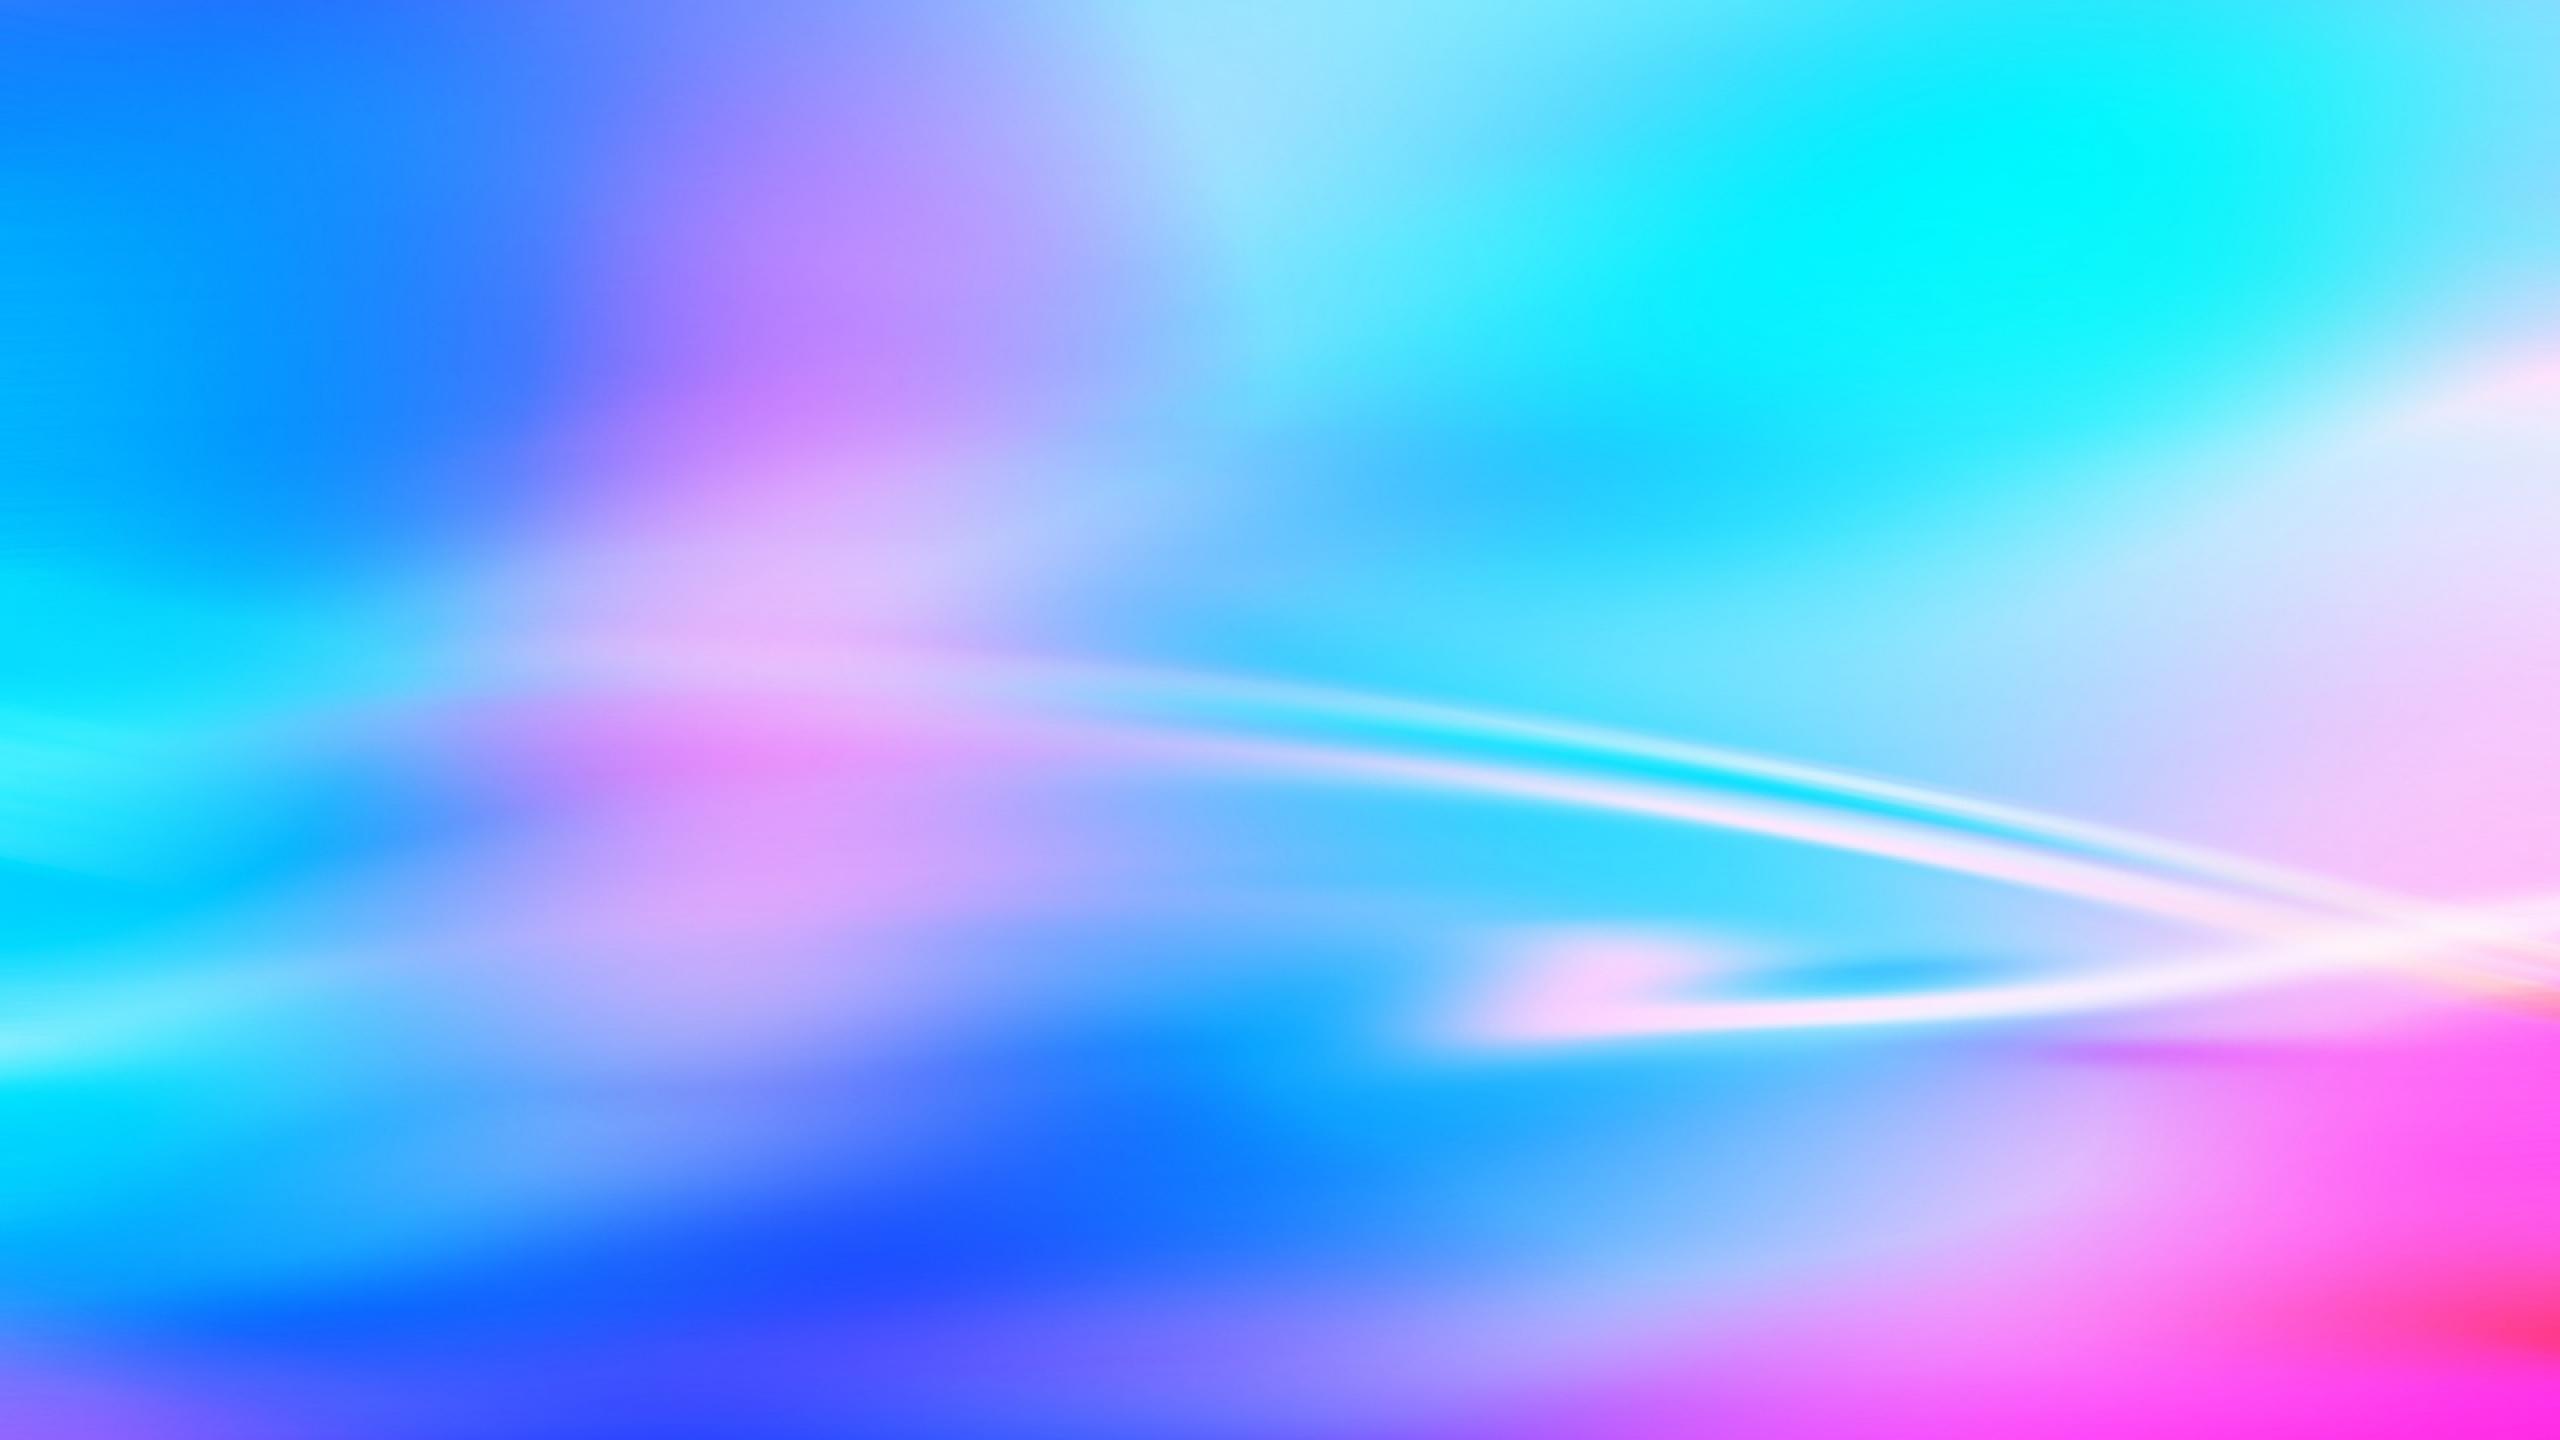 2560x1440 Wallpaper lines light blue pink 2560x1440